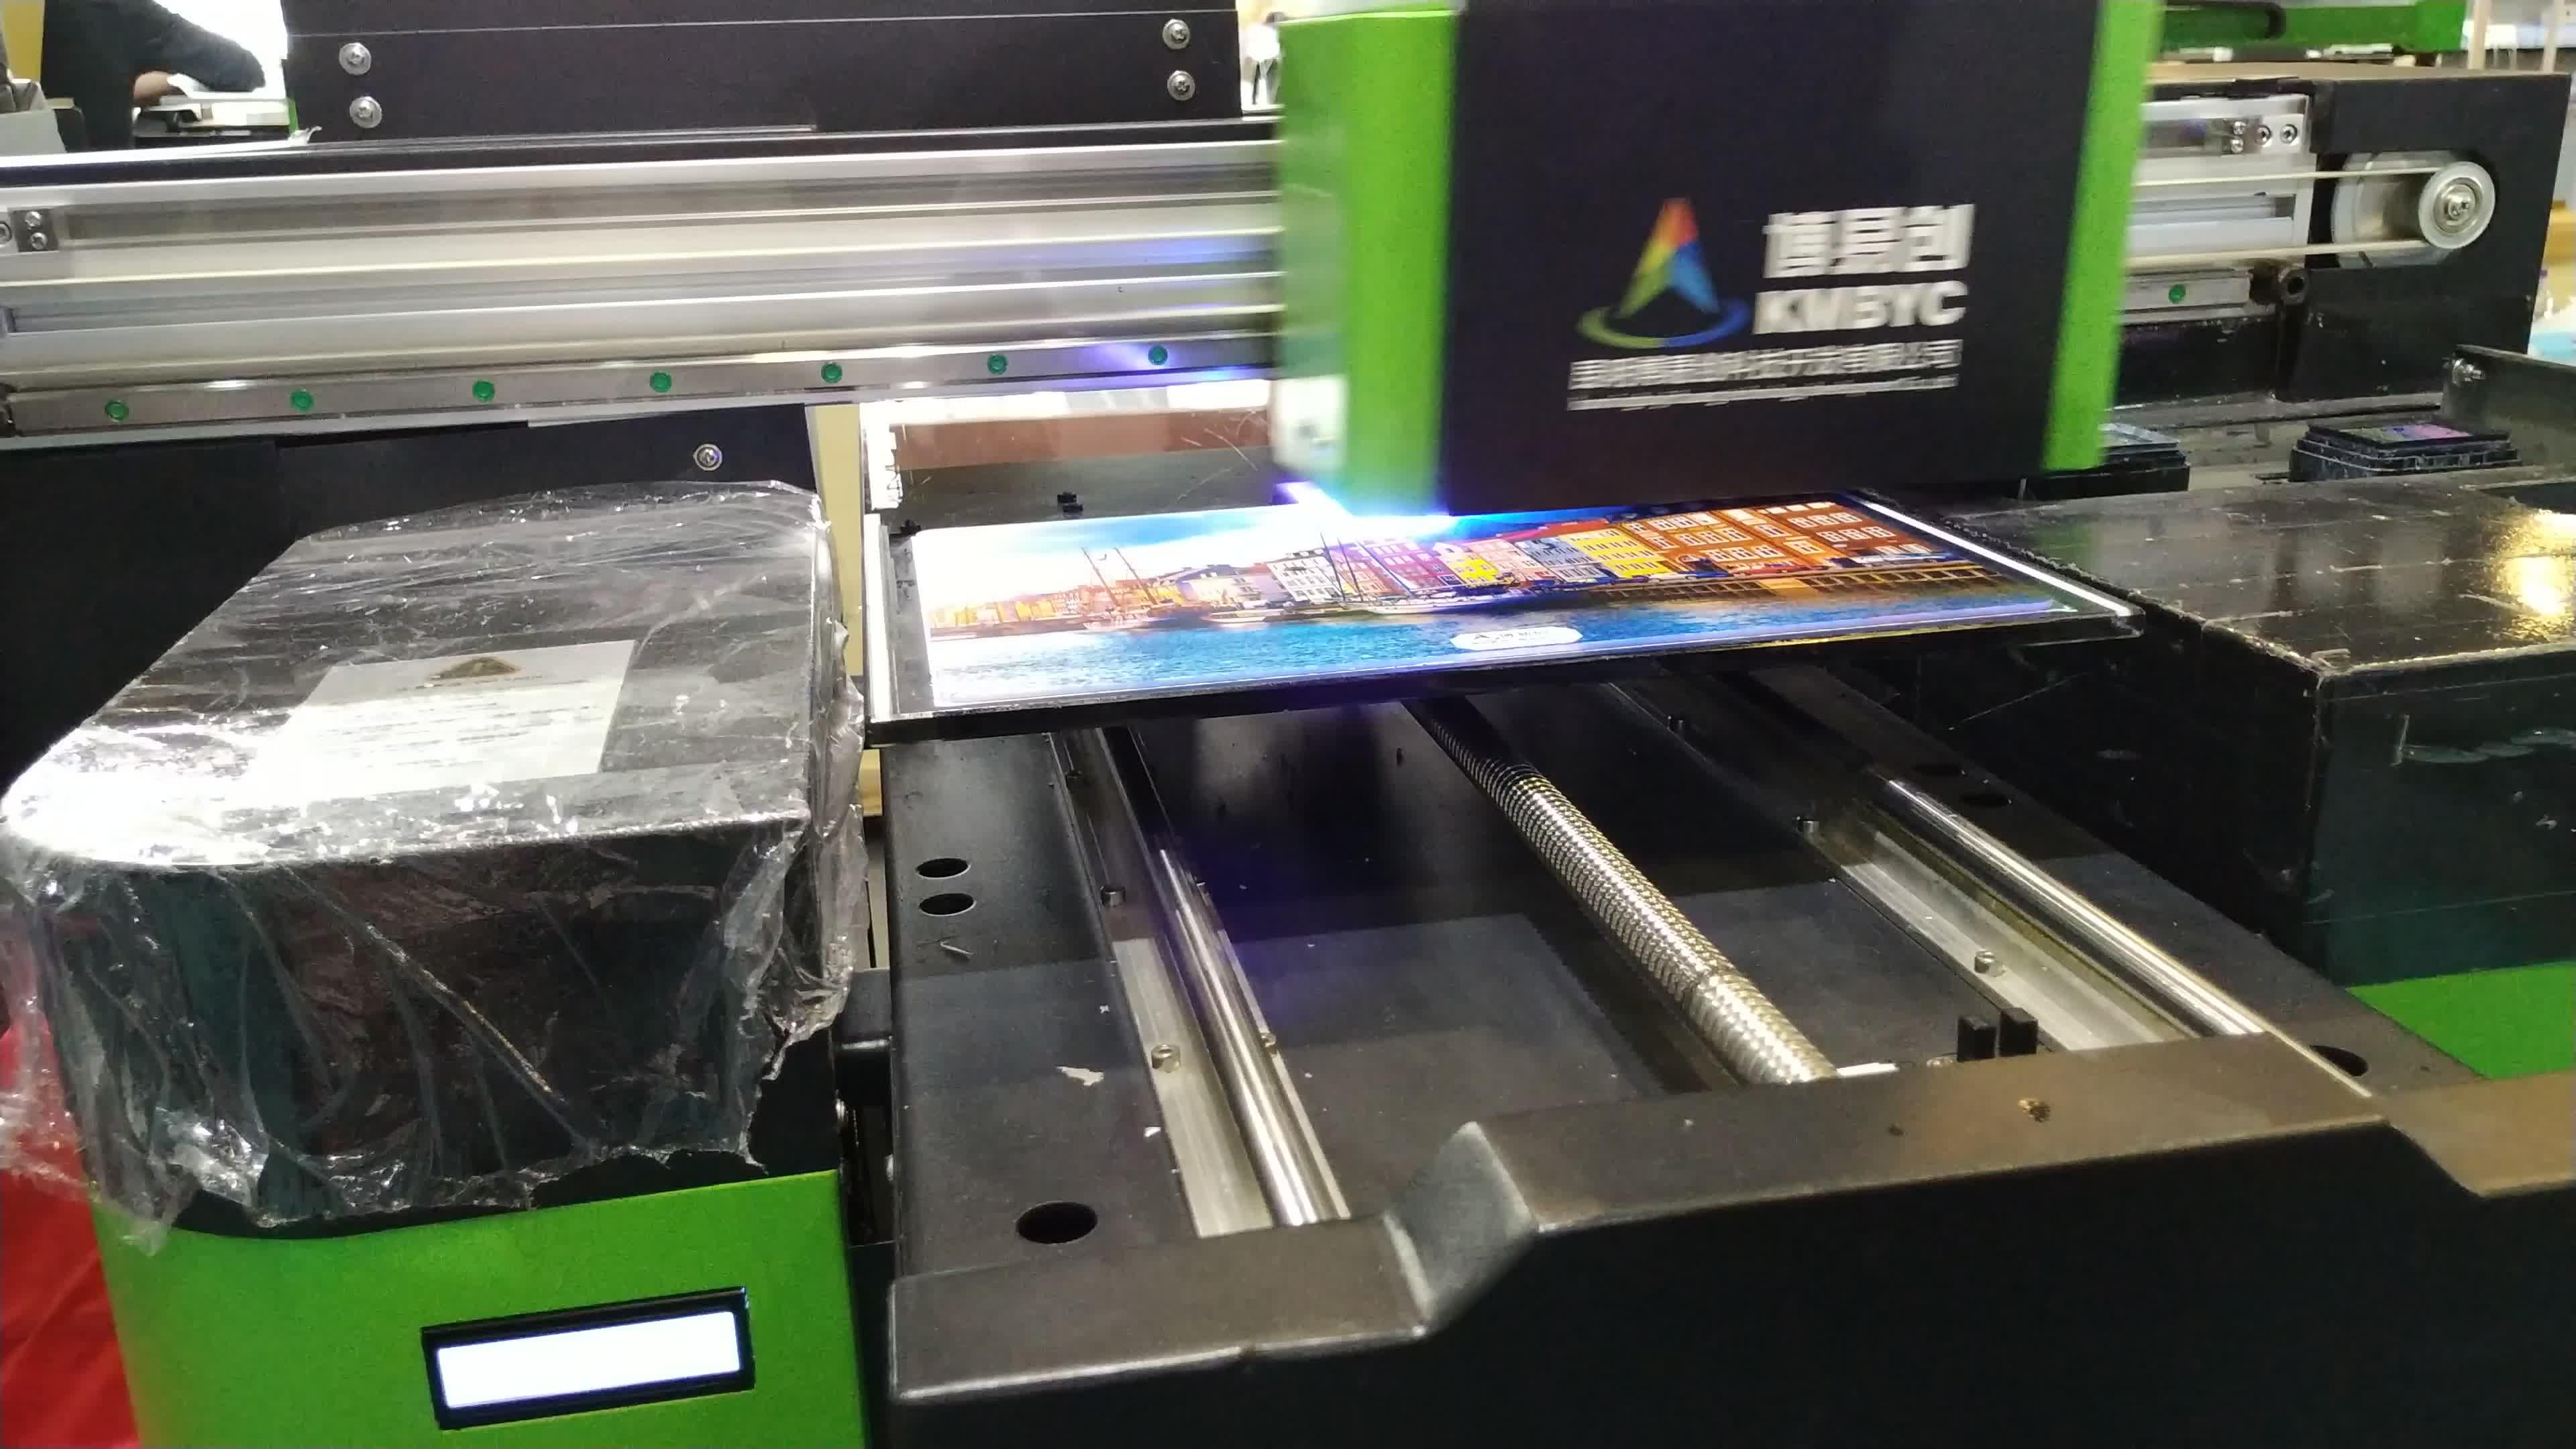 A3 UV 프린터 모든 사이드 디지털 잉크젯 전화 케이스 A4 USB 카드 나무 3D 양각 인쇄 프린터